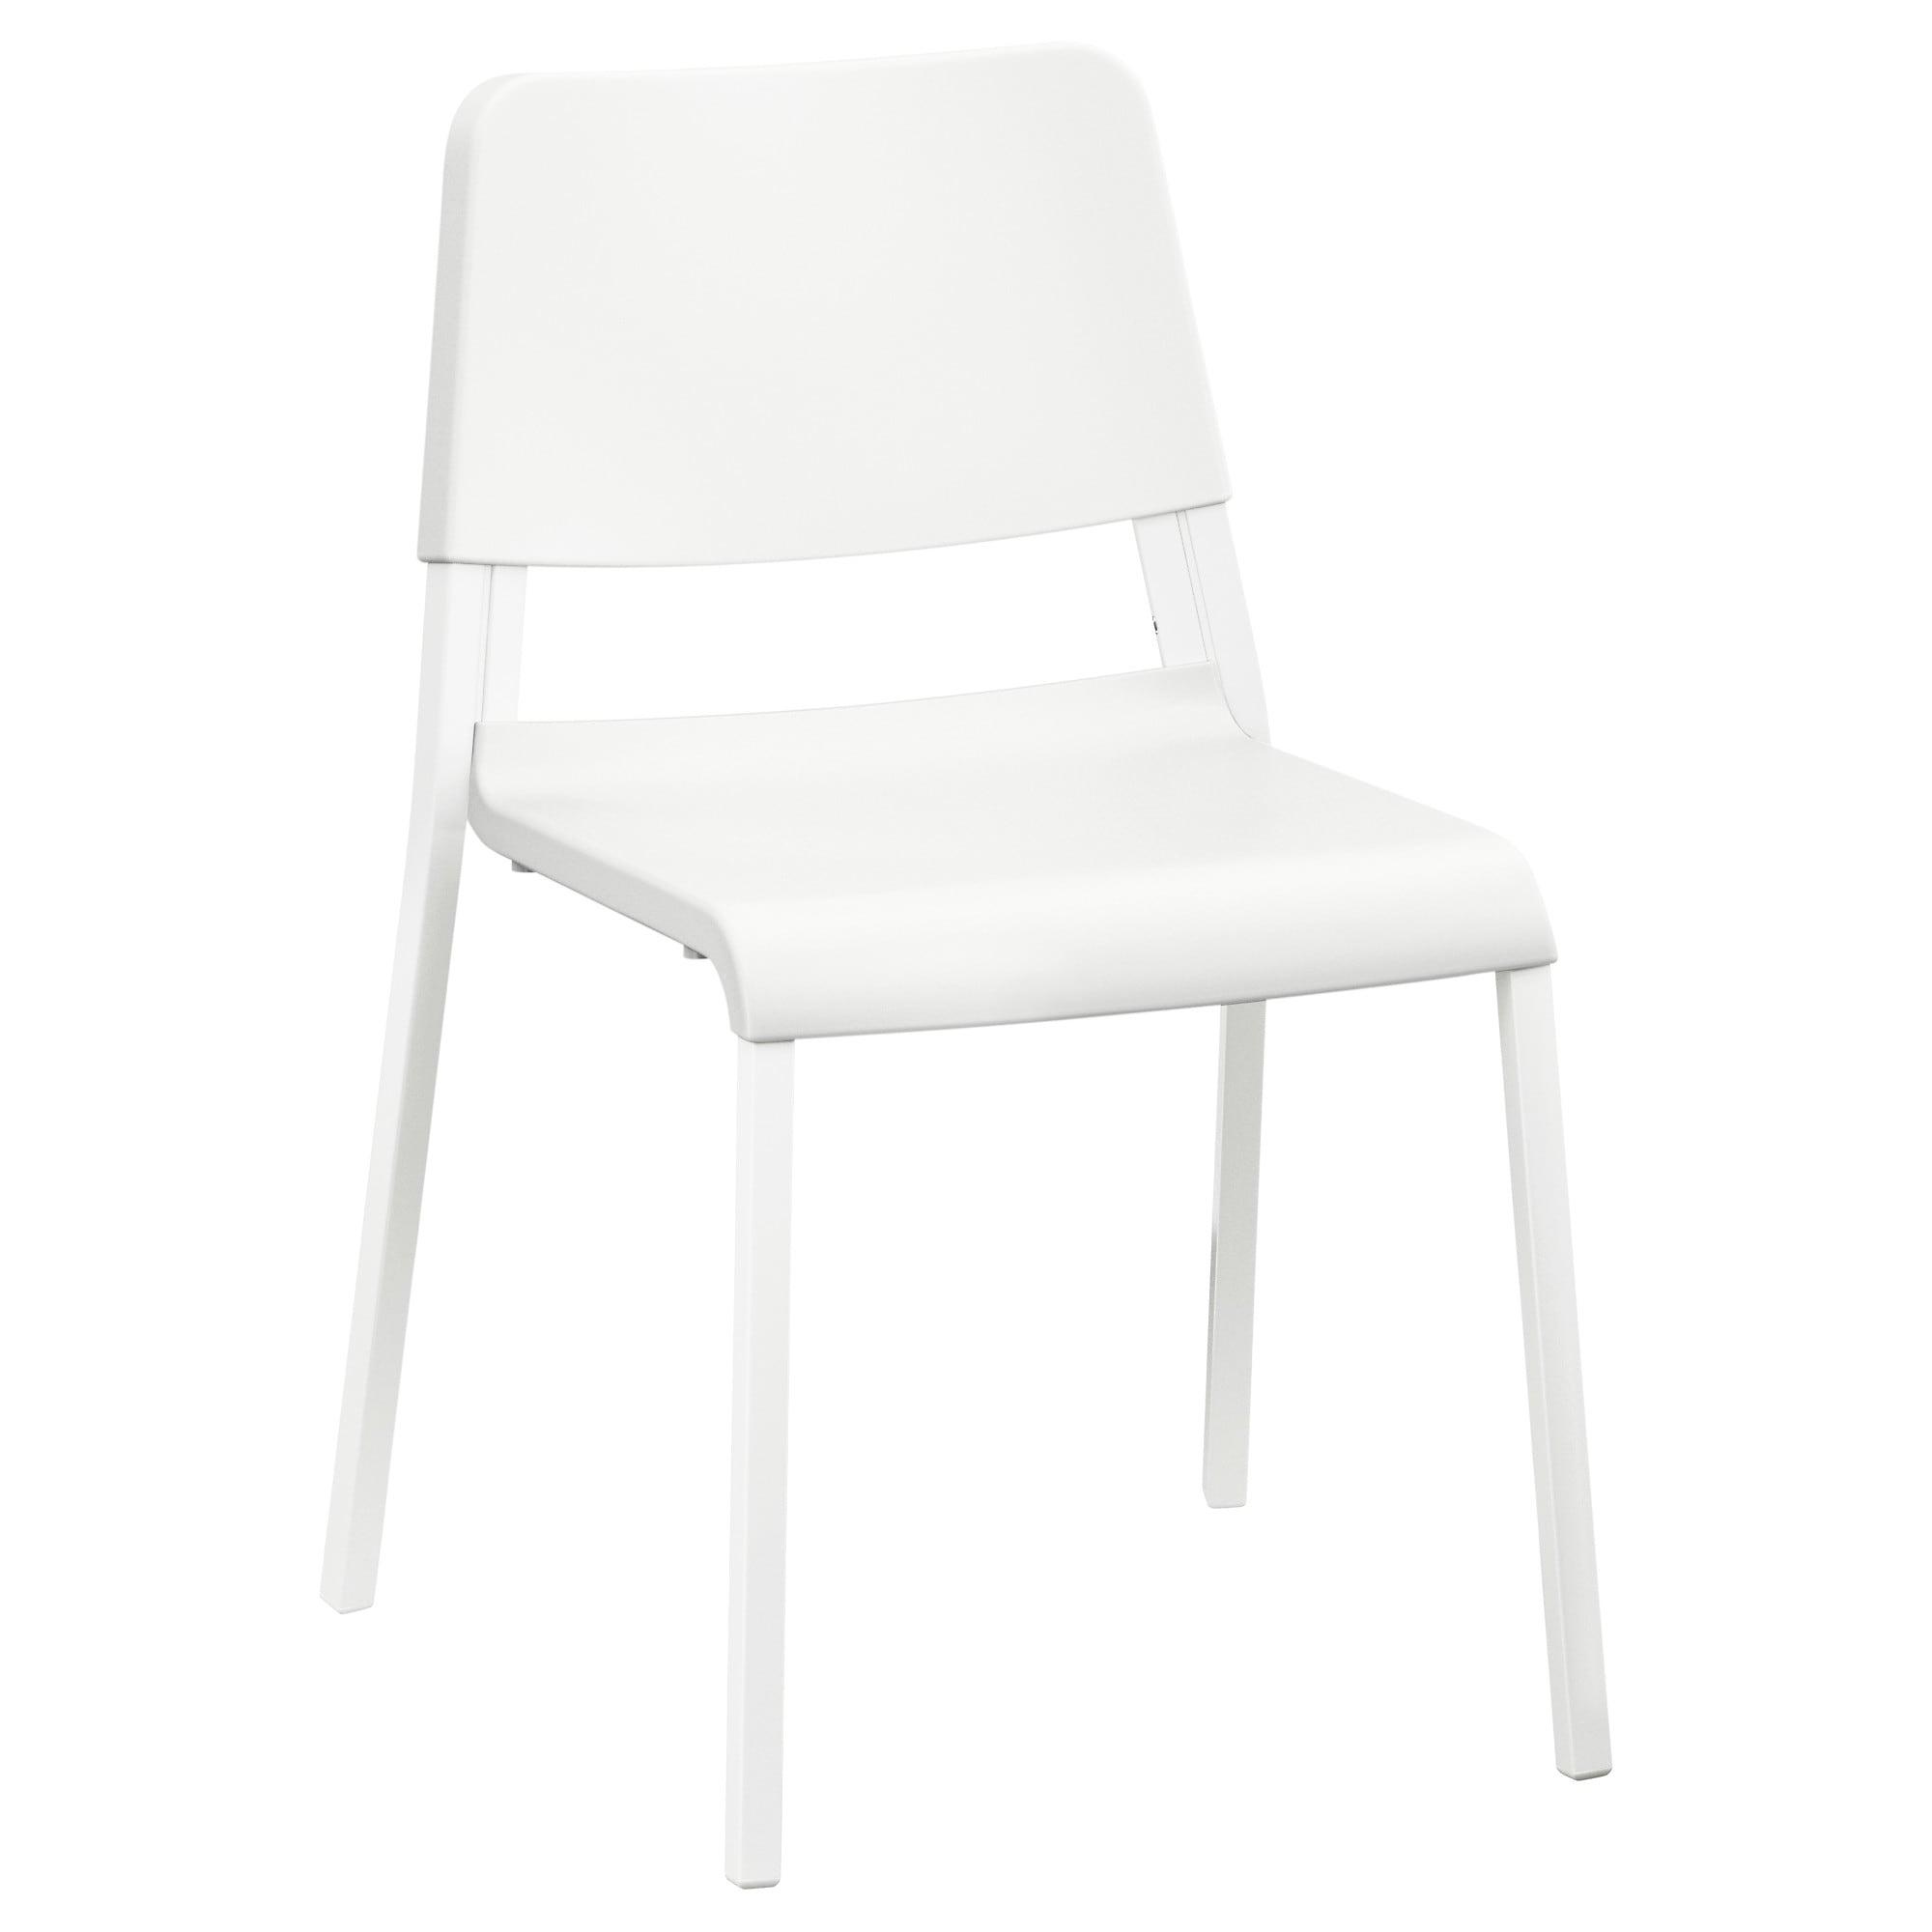 Ikea Sillas Cocina Ftd8 Sillas De Edor Salà N Y Cocina Pra Online Ikea